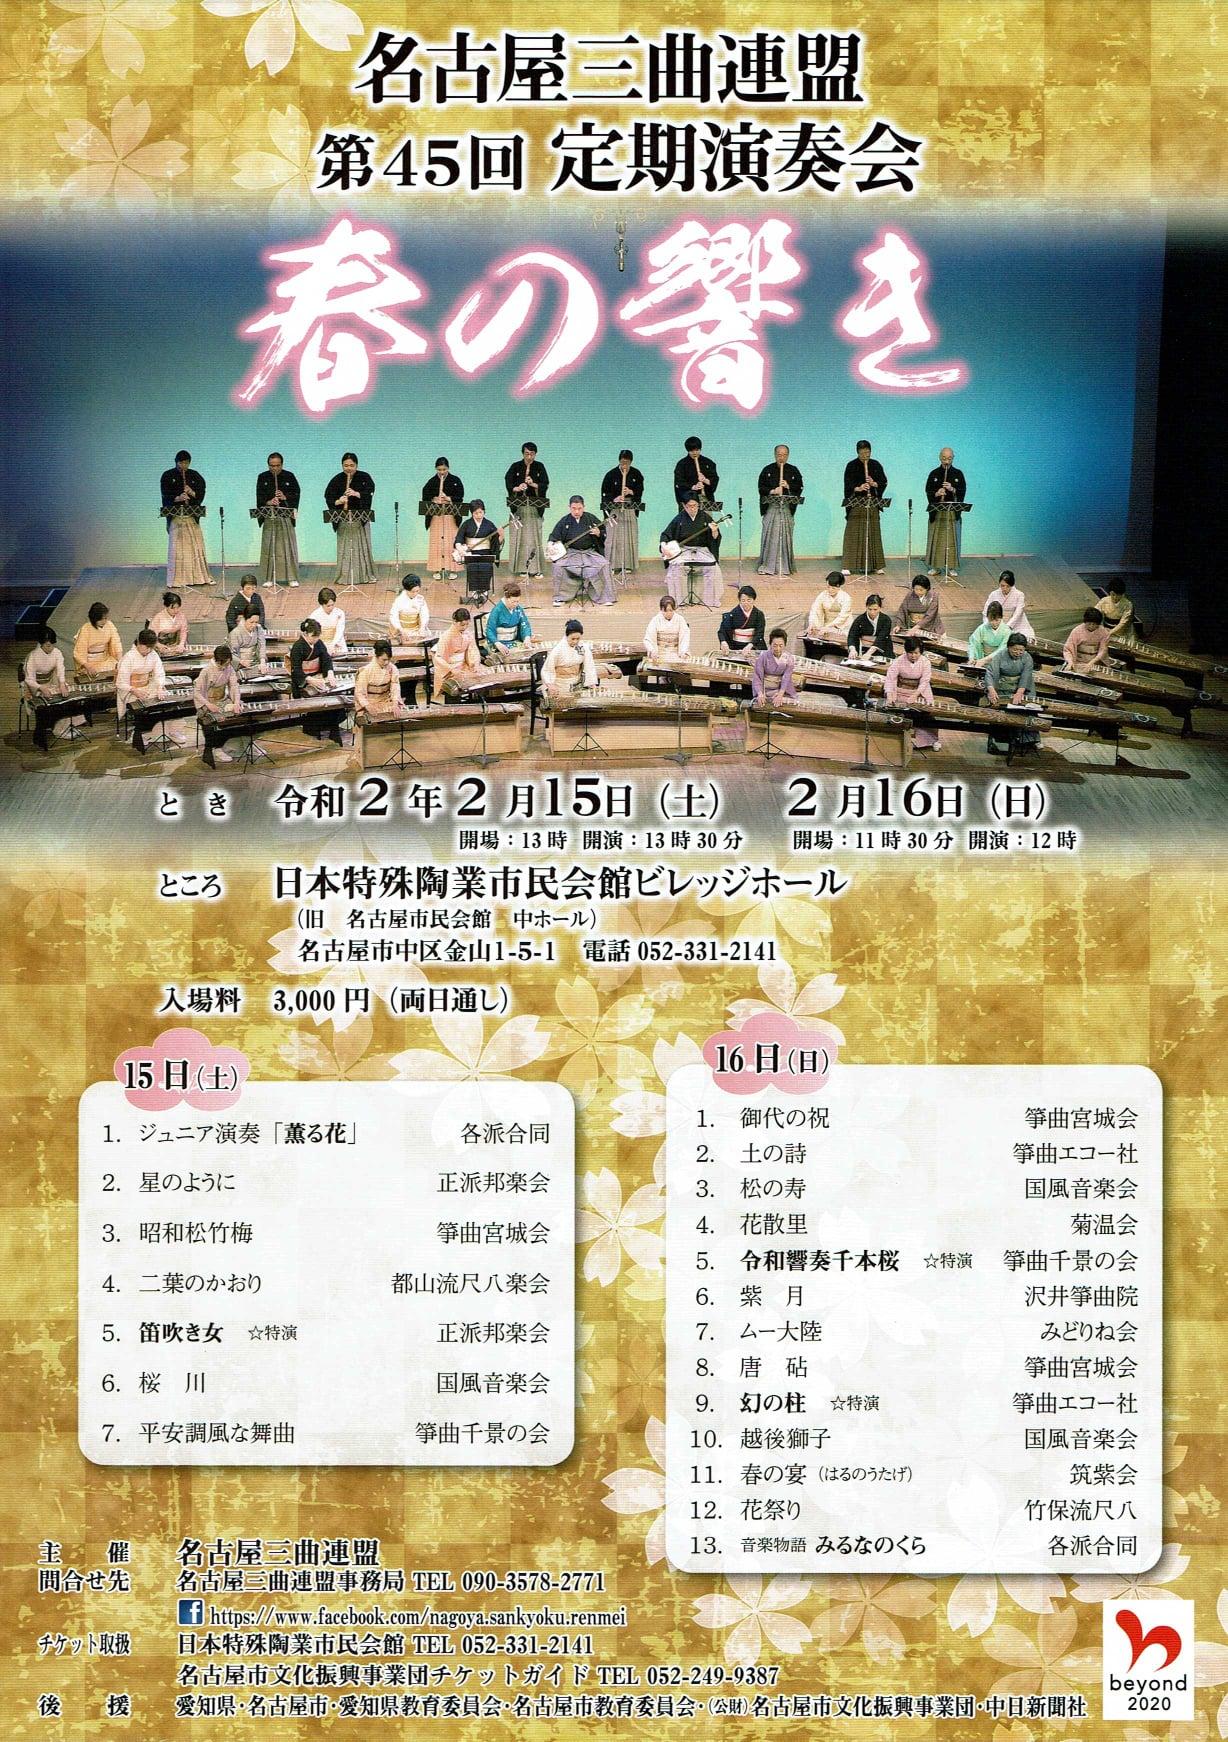 名古屋三曲連盟 第45回 定期演奏会 春の響き